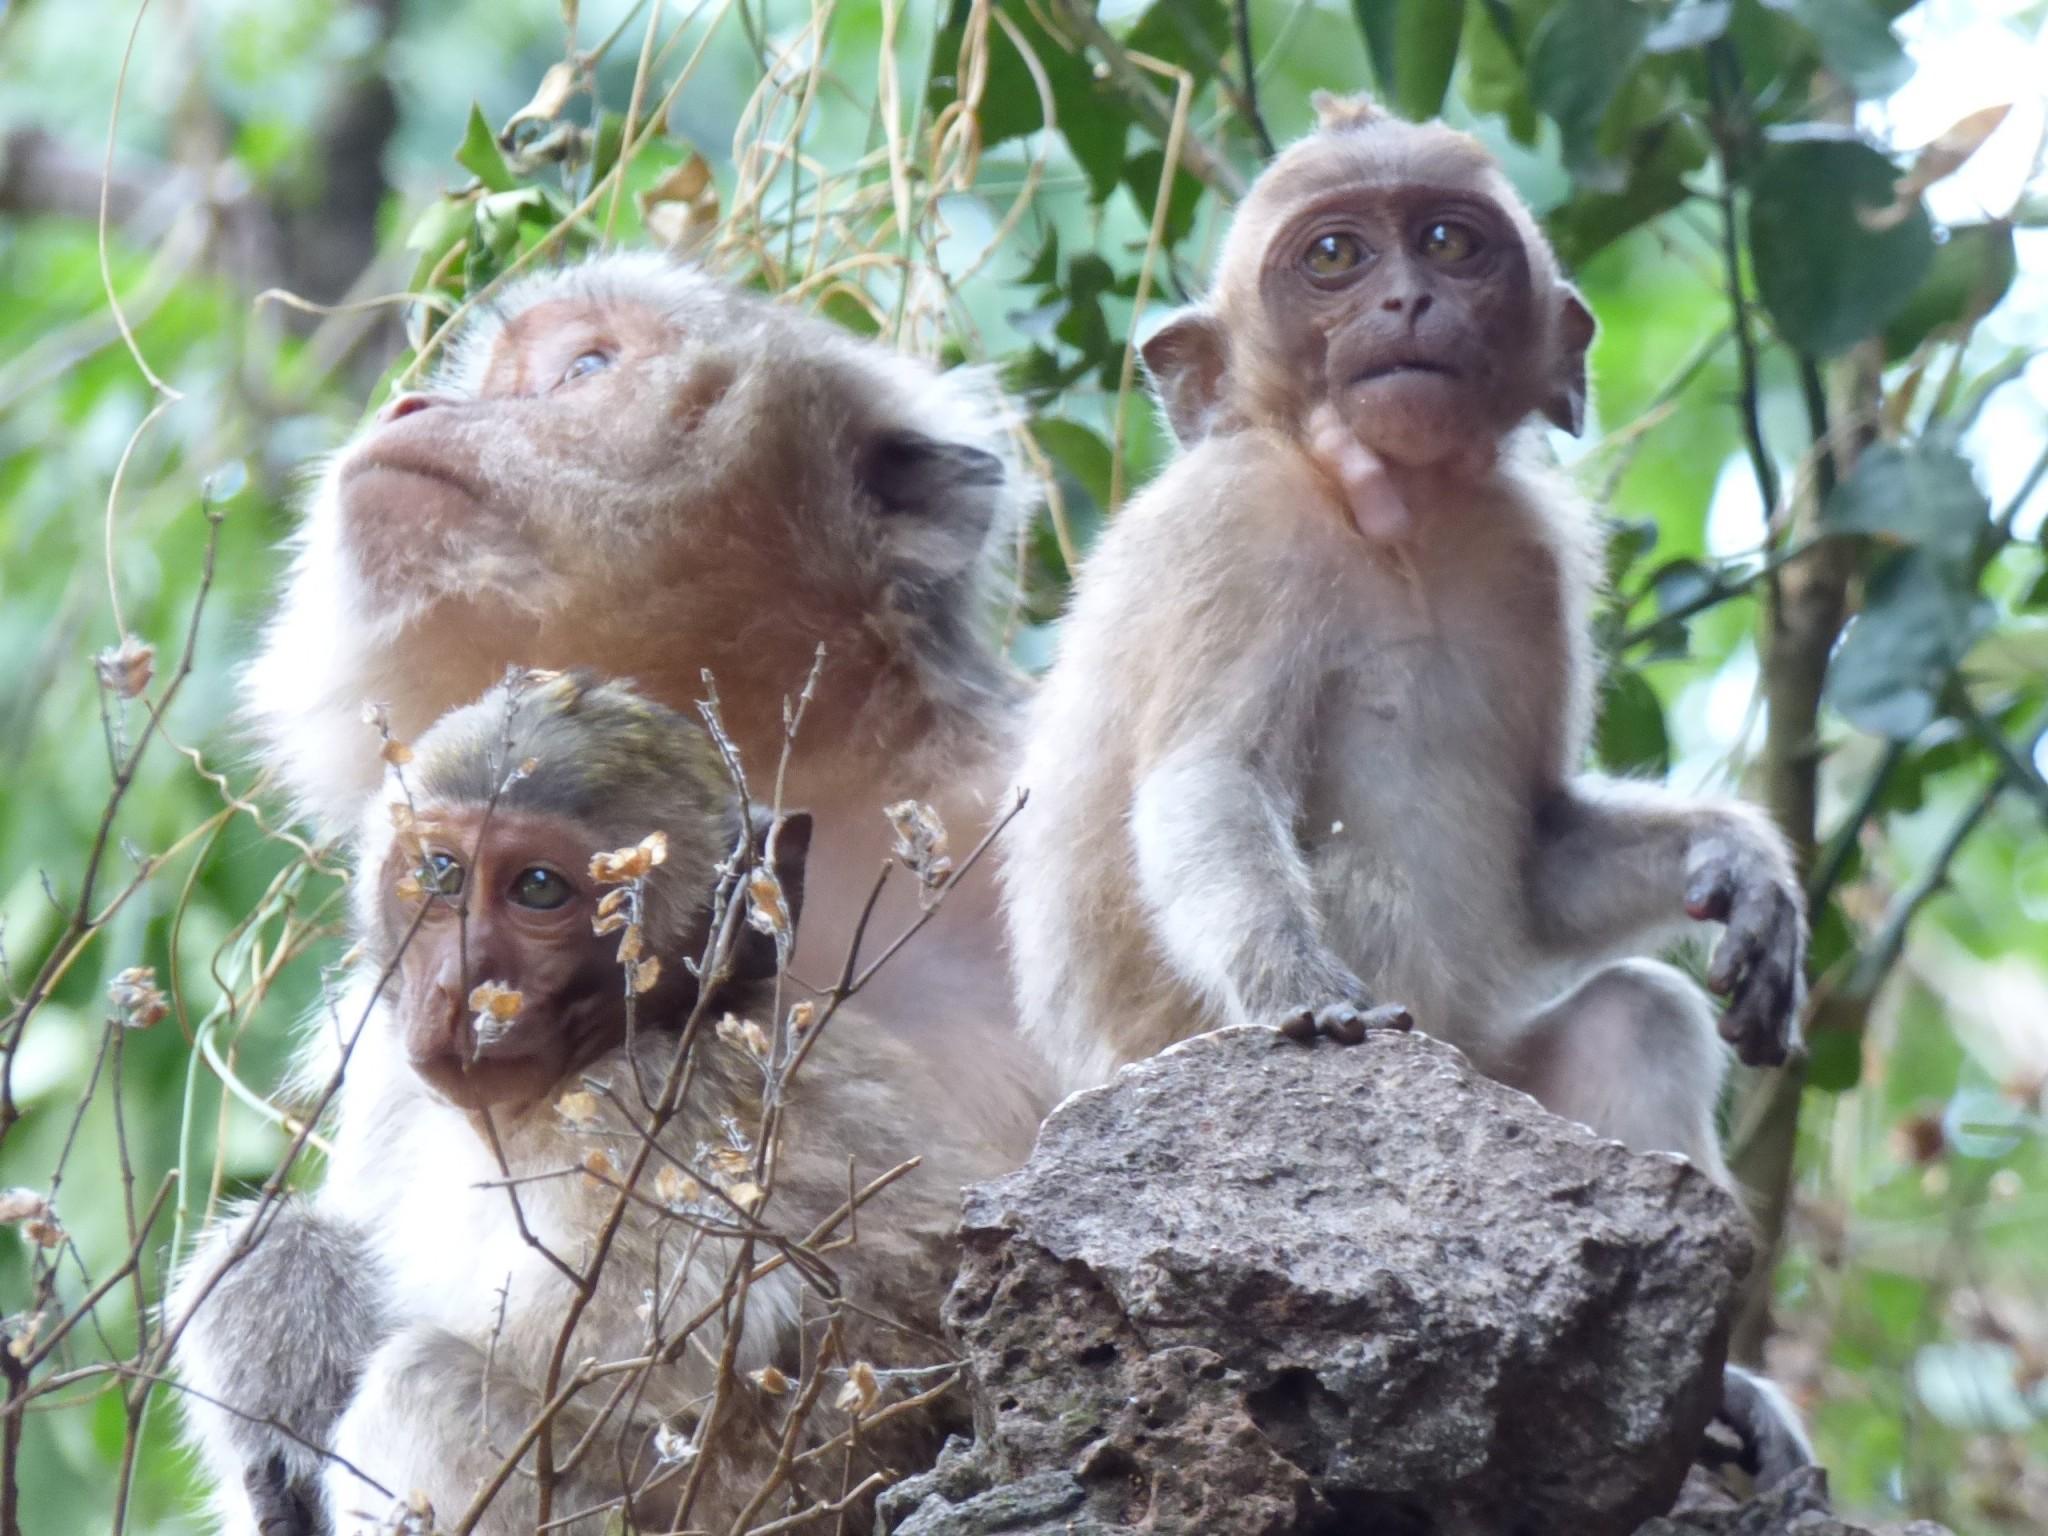 Apinat phuket